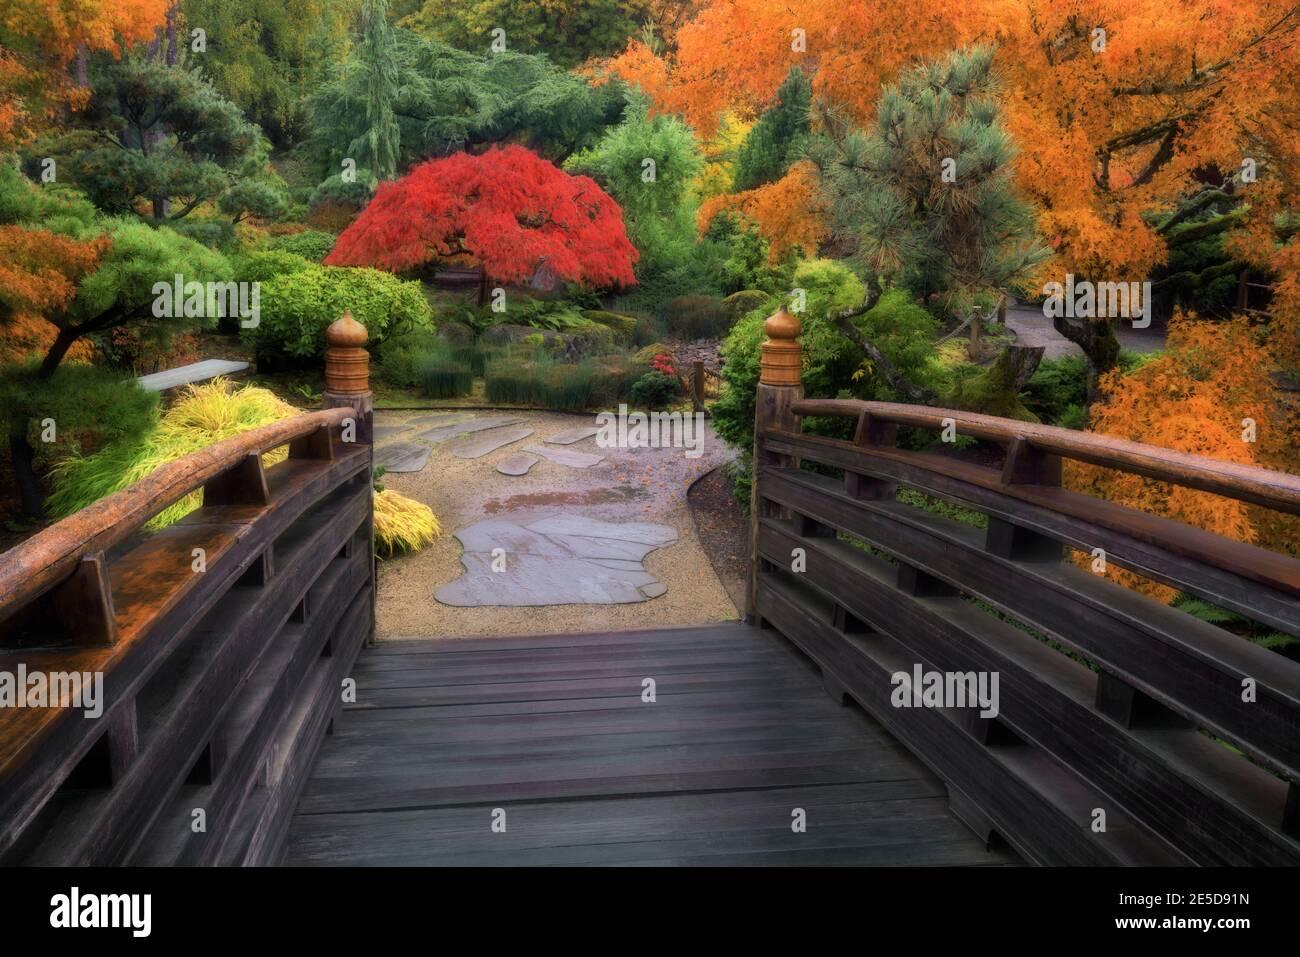 Le pont de la Lune se connecte au jardin japonais de l'île de Tsuru et aux couleurs éclatantes de l'automne lors de cette matinée brumeuse à Gresham, Oregon. Banque D'Images